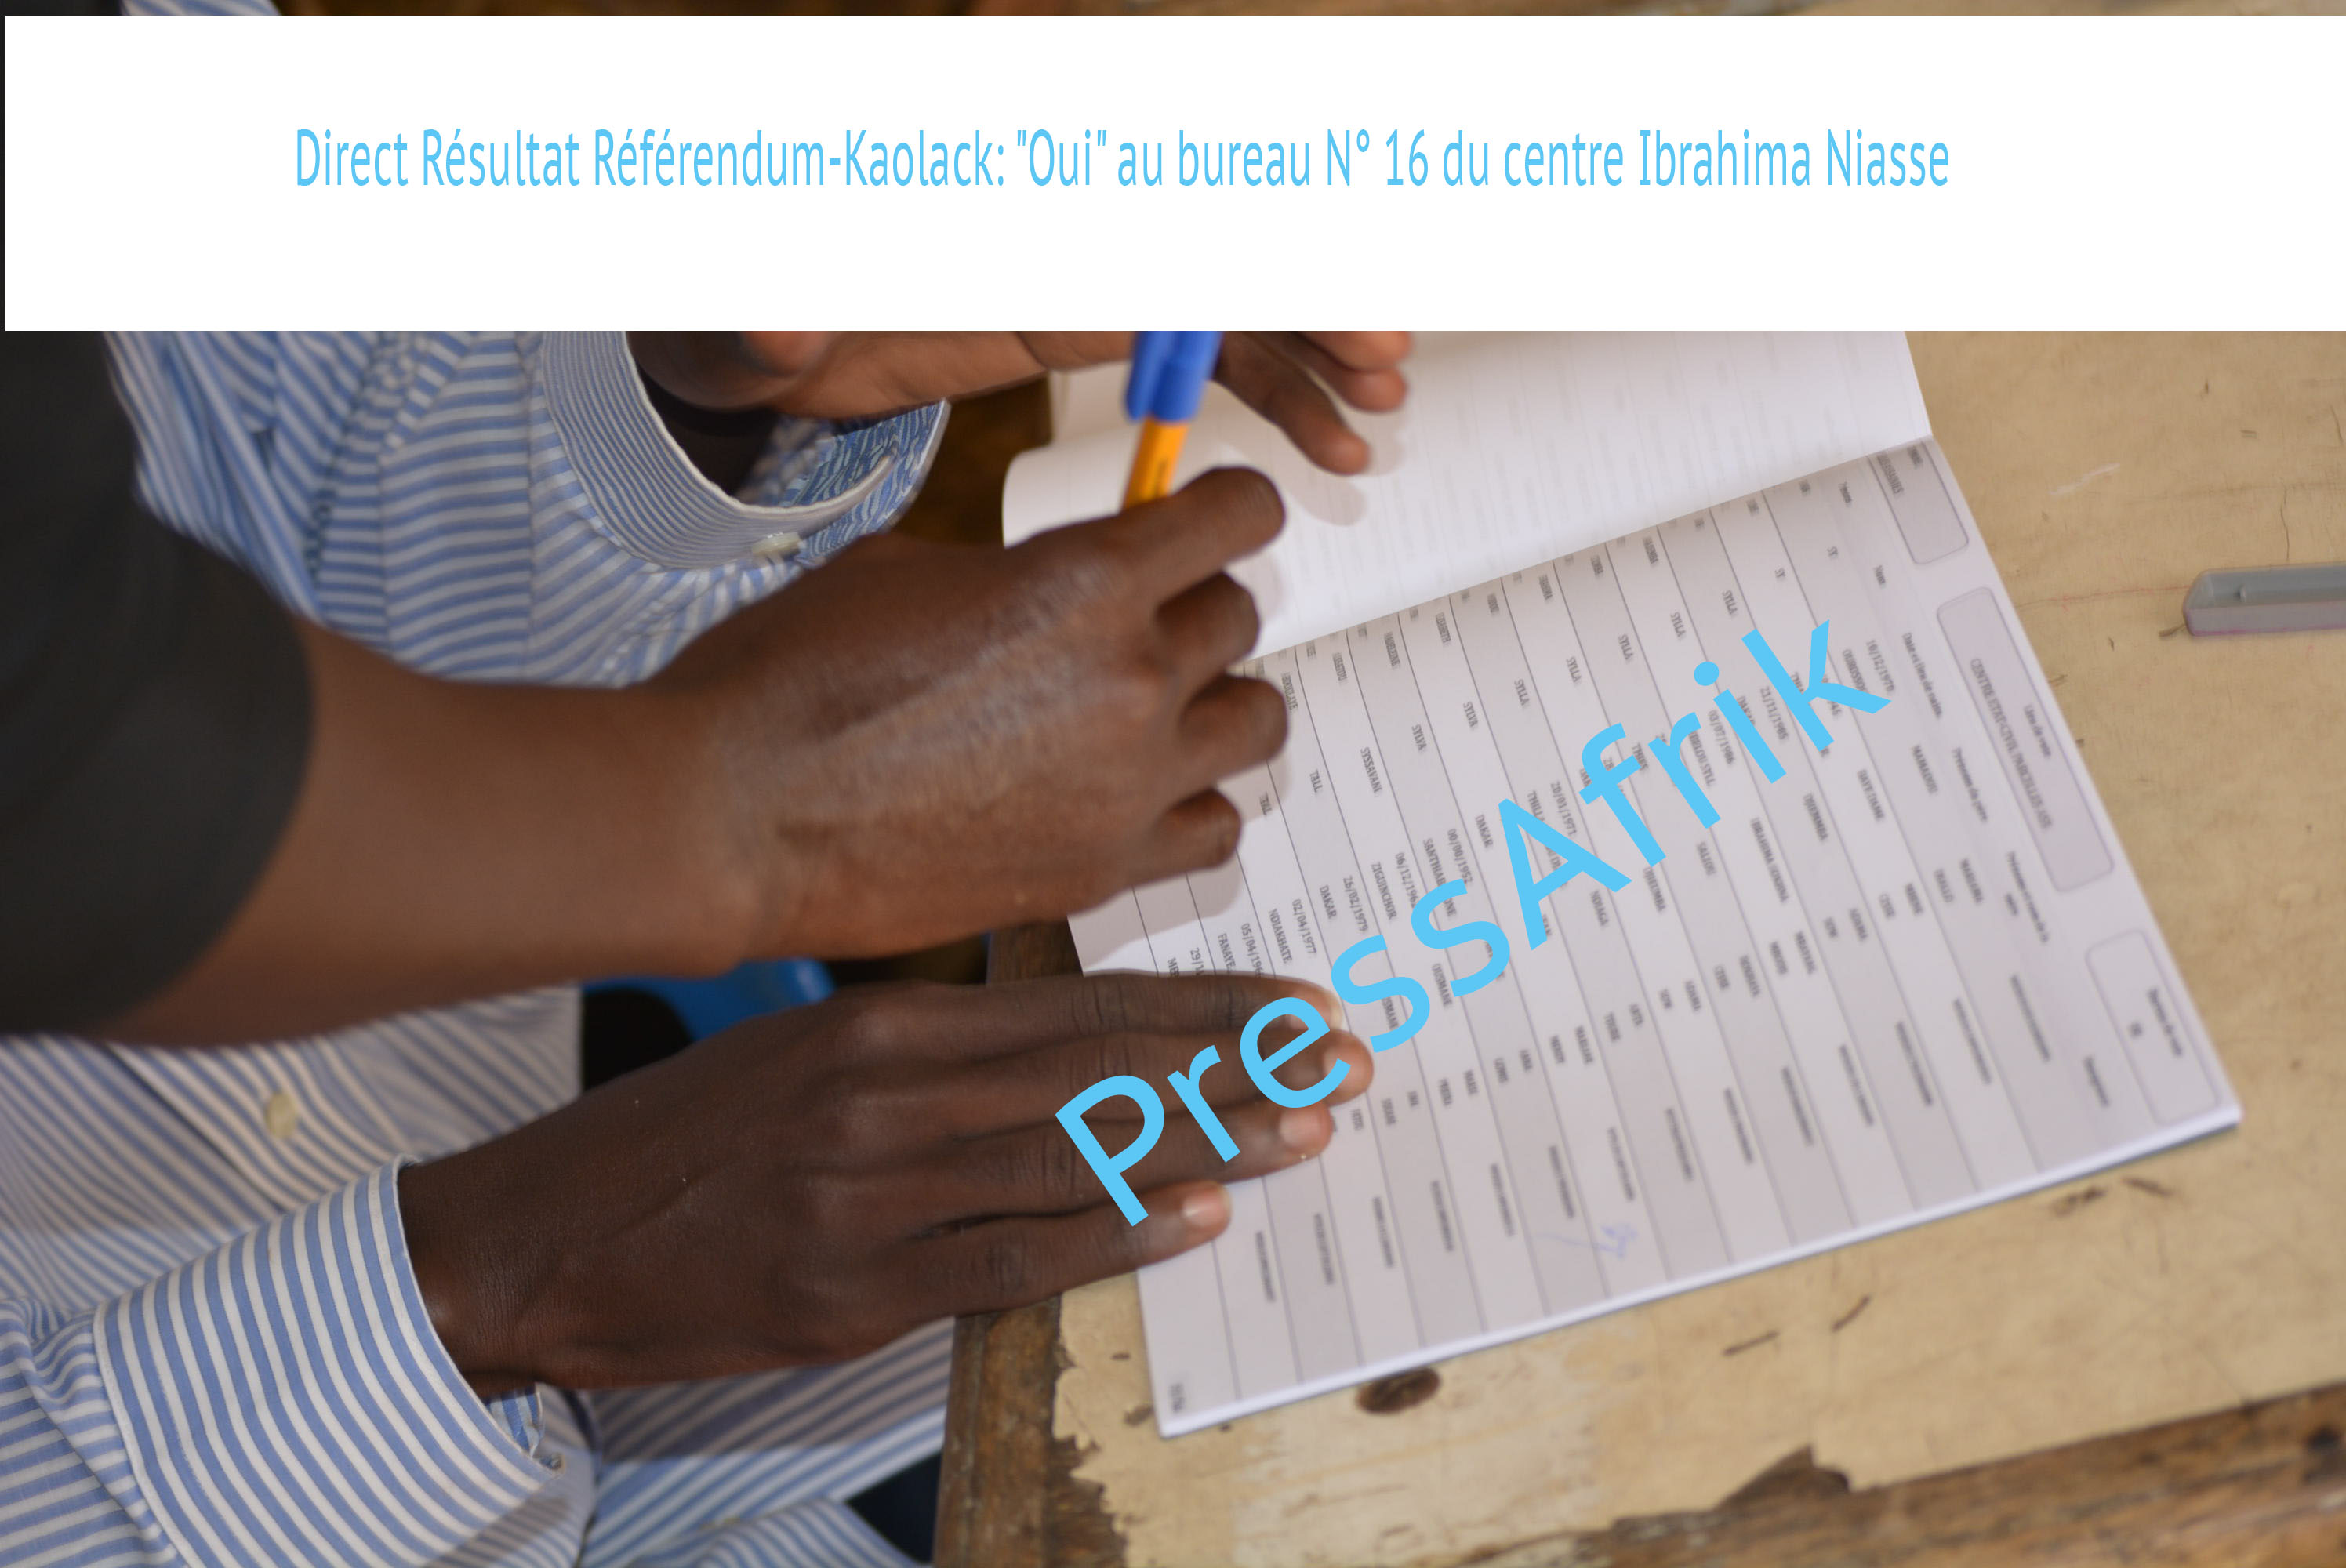 """Direct Résultat Référendum-Kaolack: """"Oui"""" au bureau N° 16 du centre Ibrahima Niasse"""